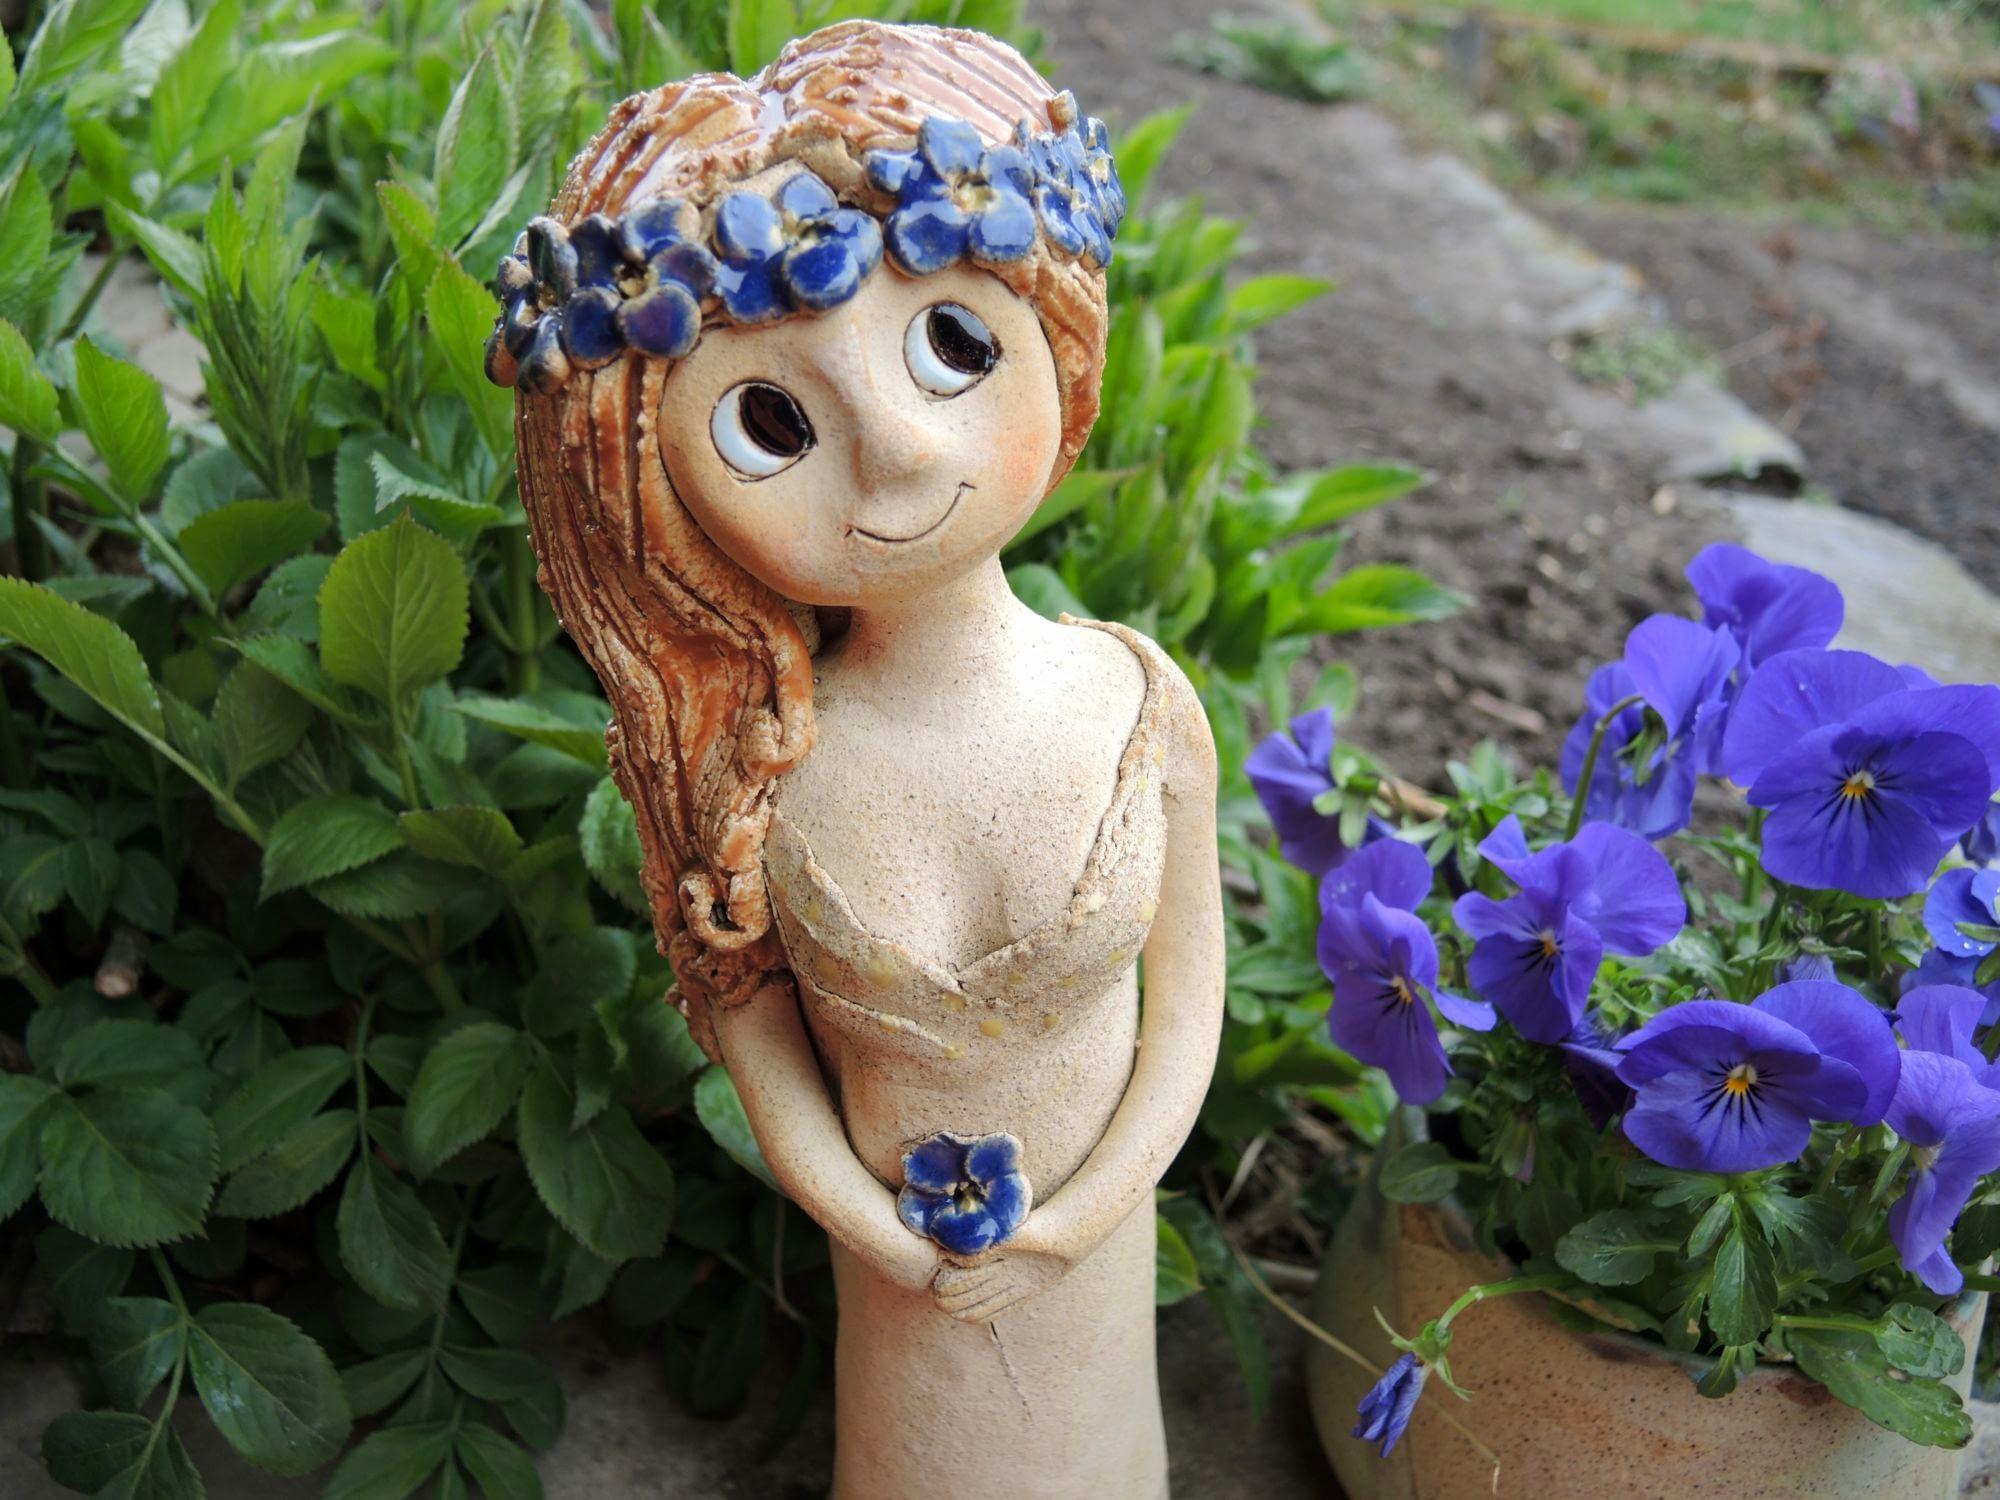 stojící víla pomněnka dívka dekorace socha soška panenka keramika andee